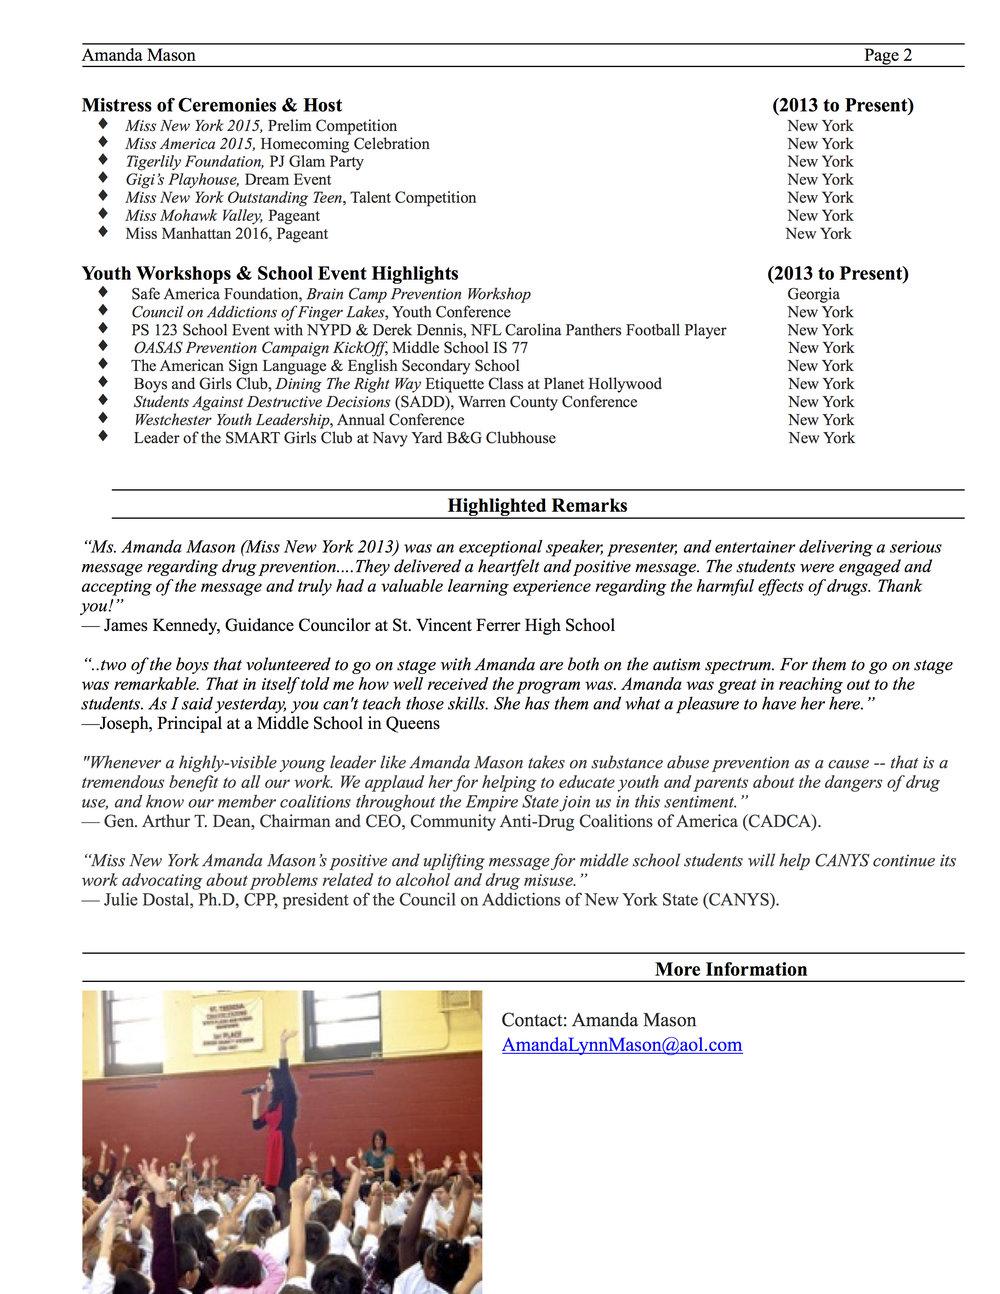 Amanda Mason Public Speaker RESUME page 2.jpg